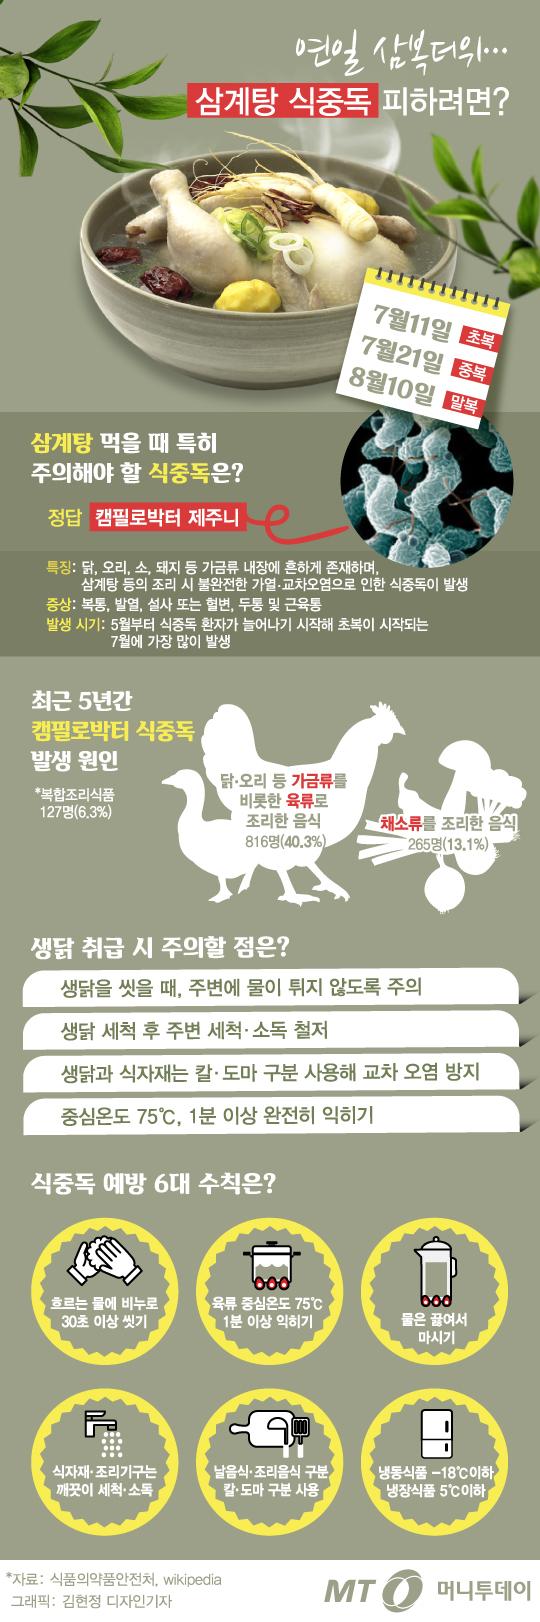 [그래픽뉴스] 연일 삼복더위... 삼계탕 식중독 예방하려면?